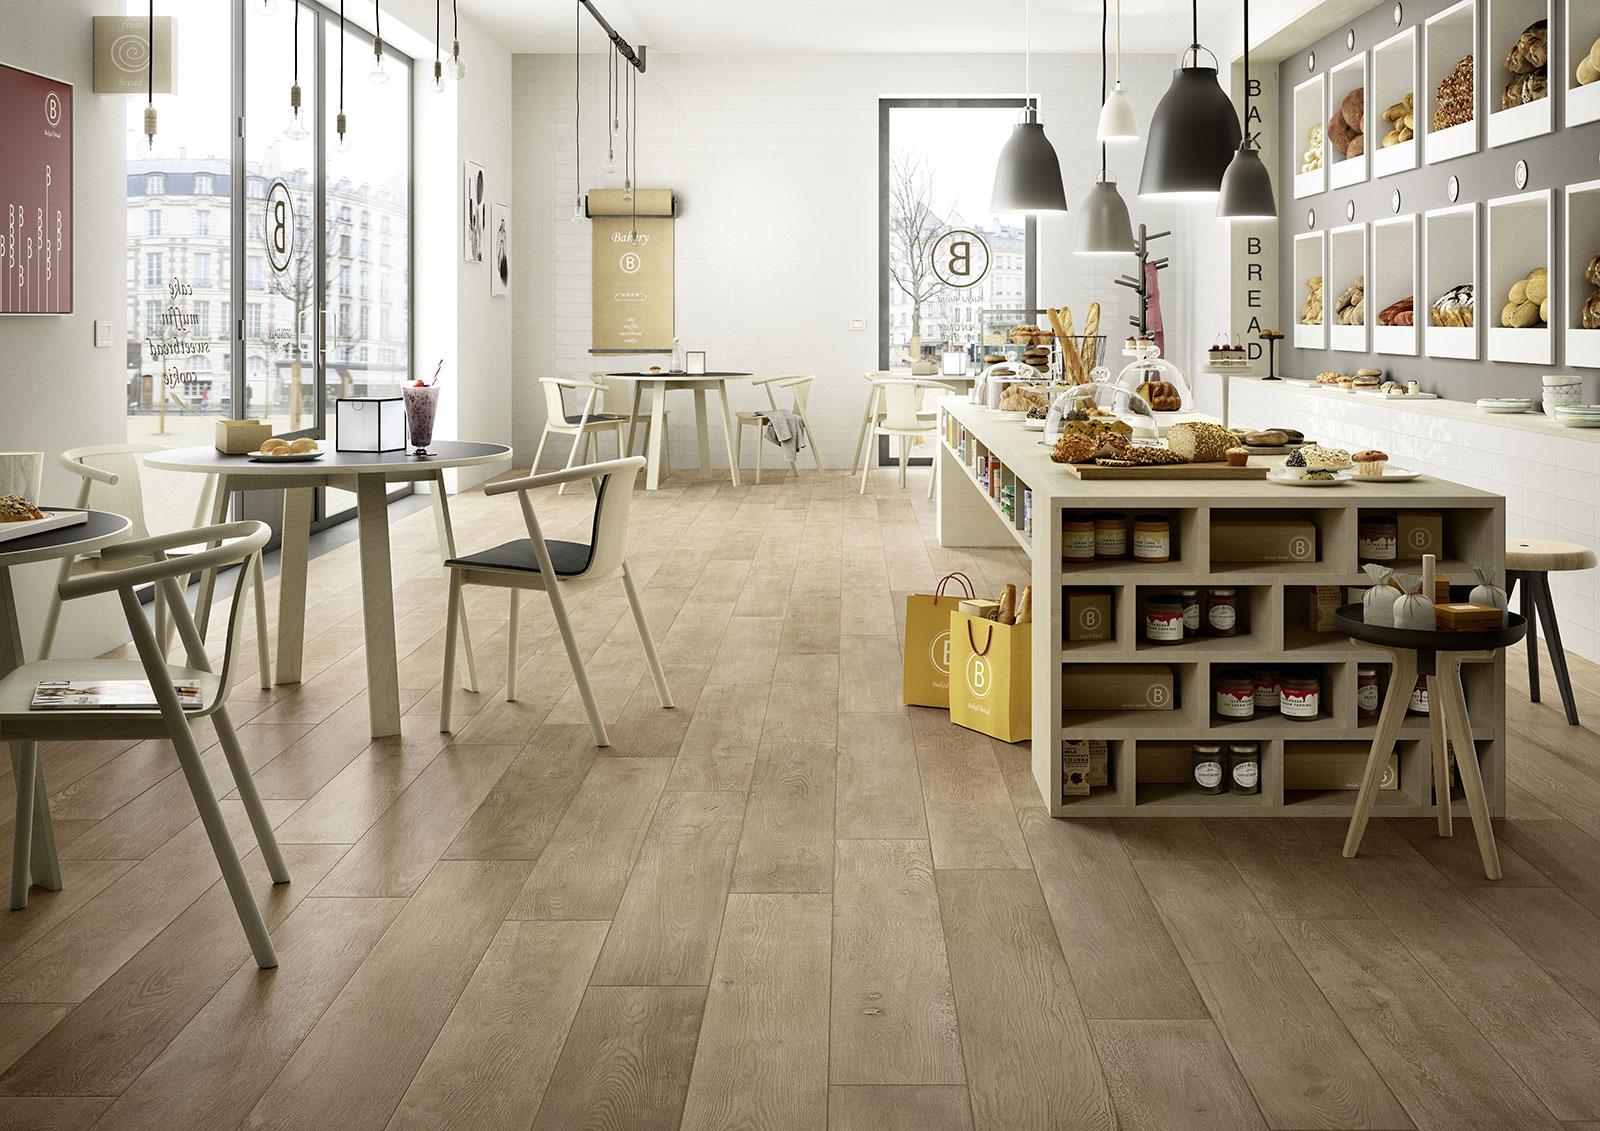 gres porcellanato effetto legno e parquet marazzi. Black Bedroom Furniture Sets. Home Design Ideas